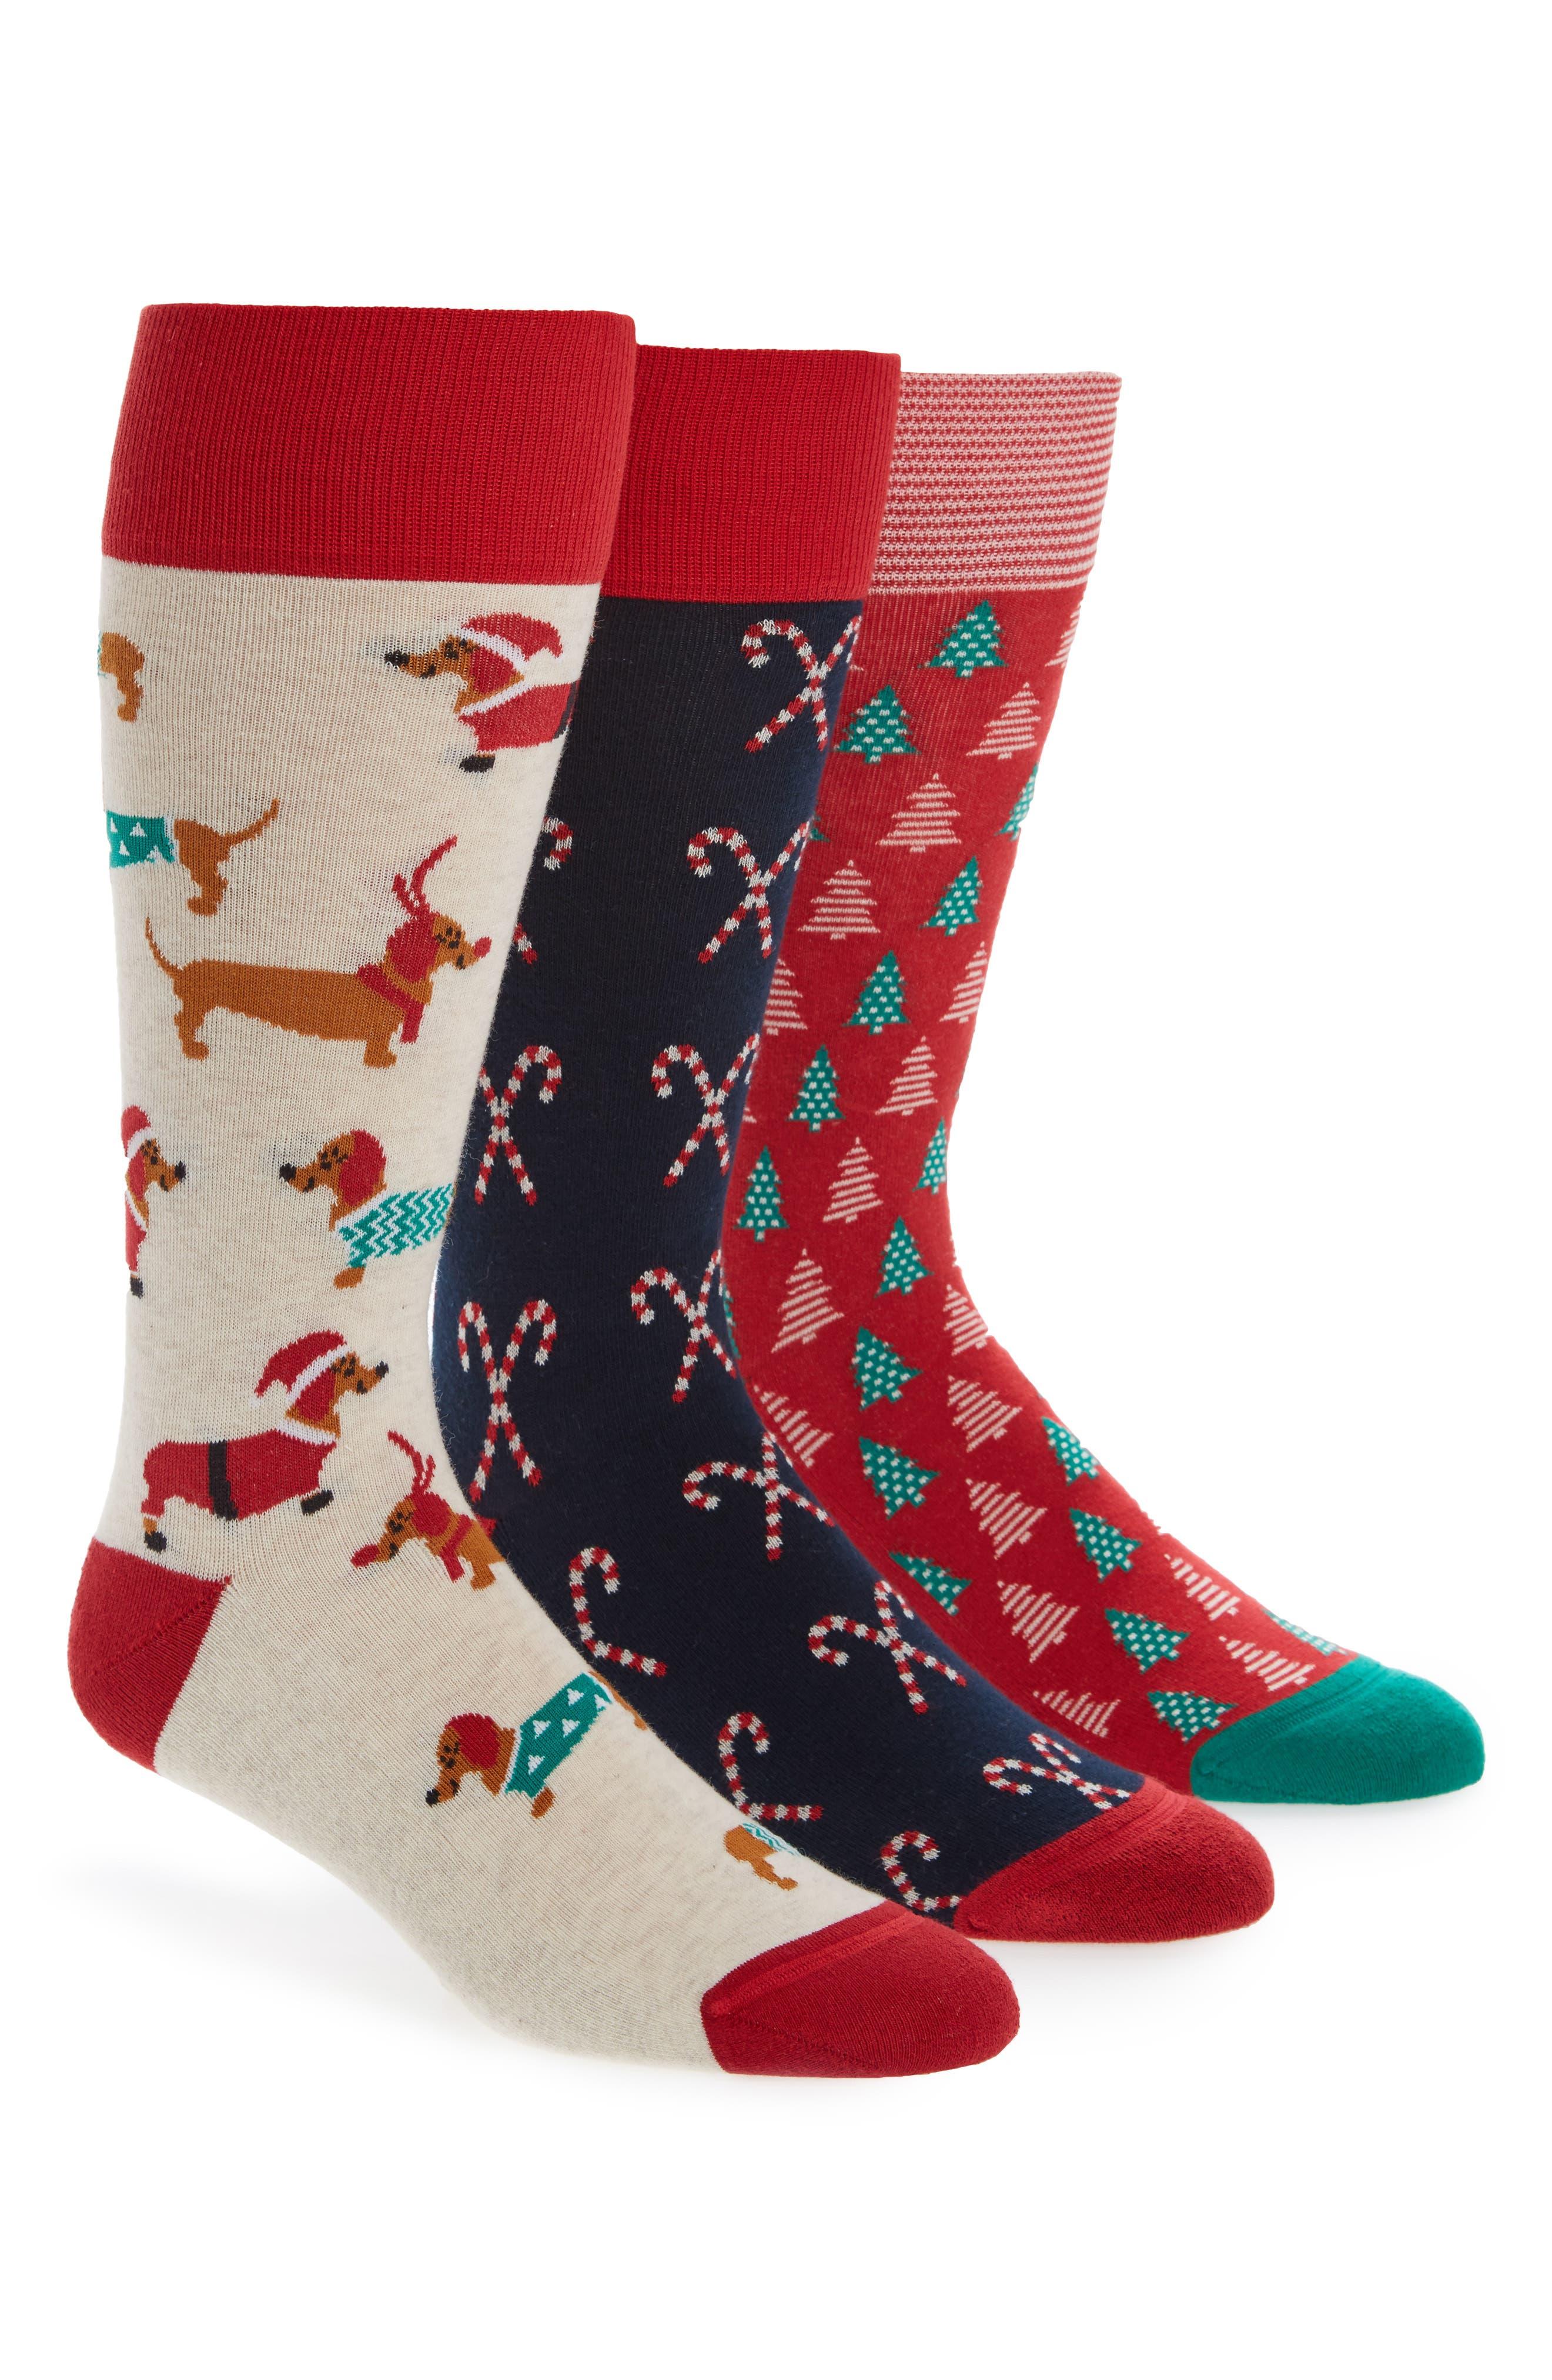 Nordstrom Men's Shop 3-Pack Holiday Socks